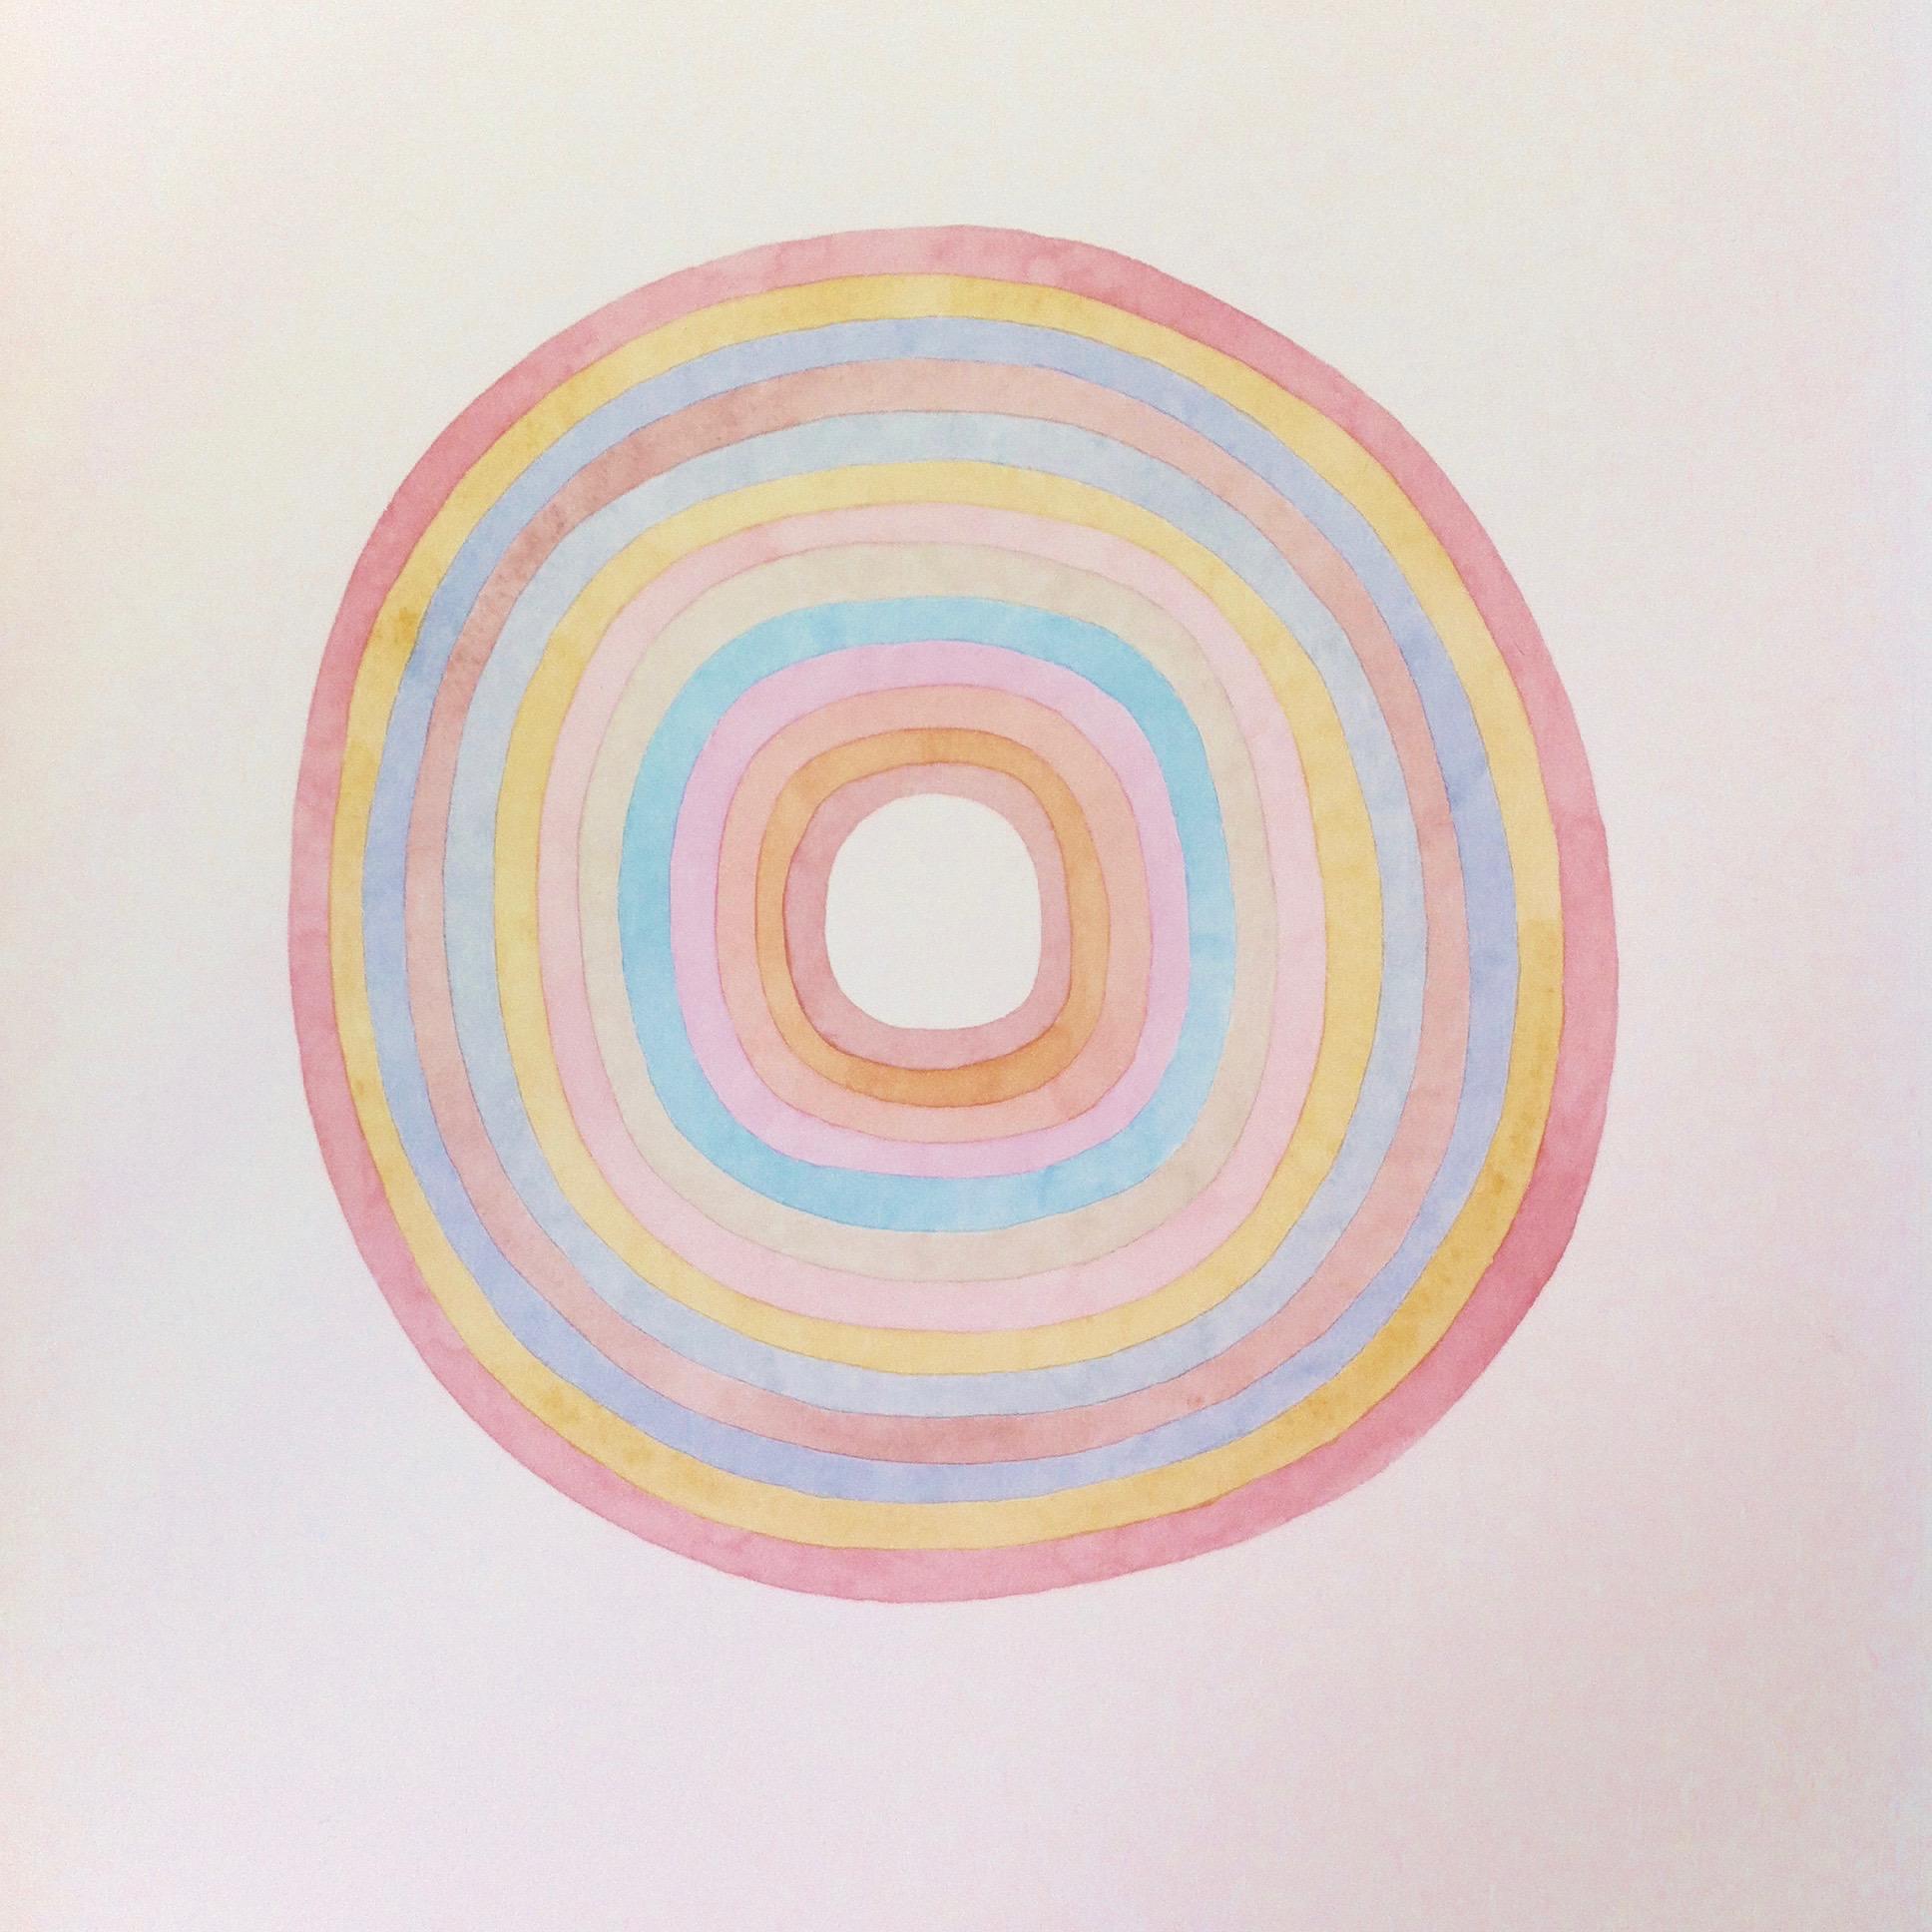 Sans titre, cercles, rose/bleu